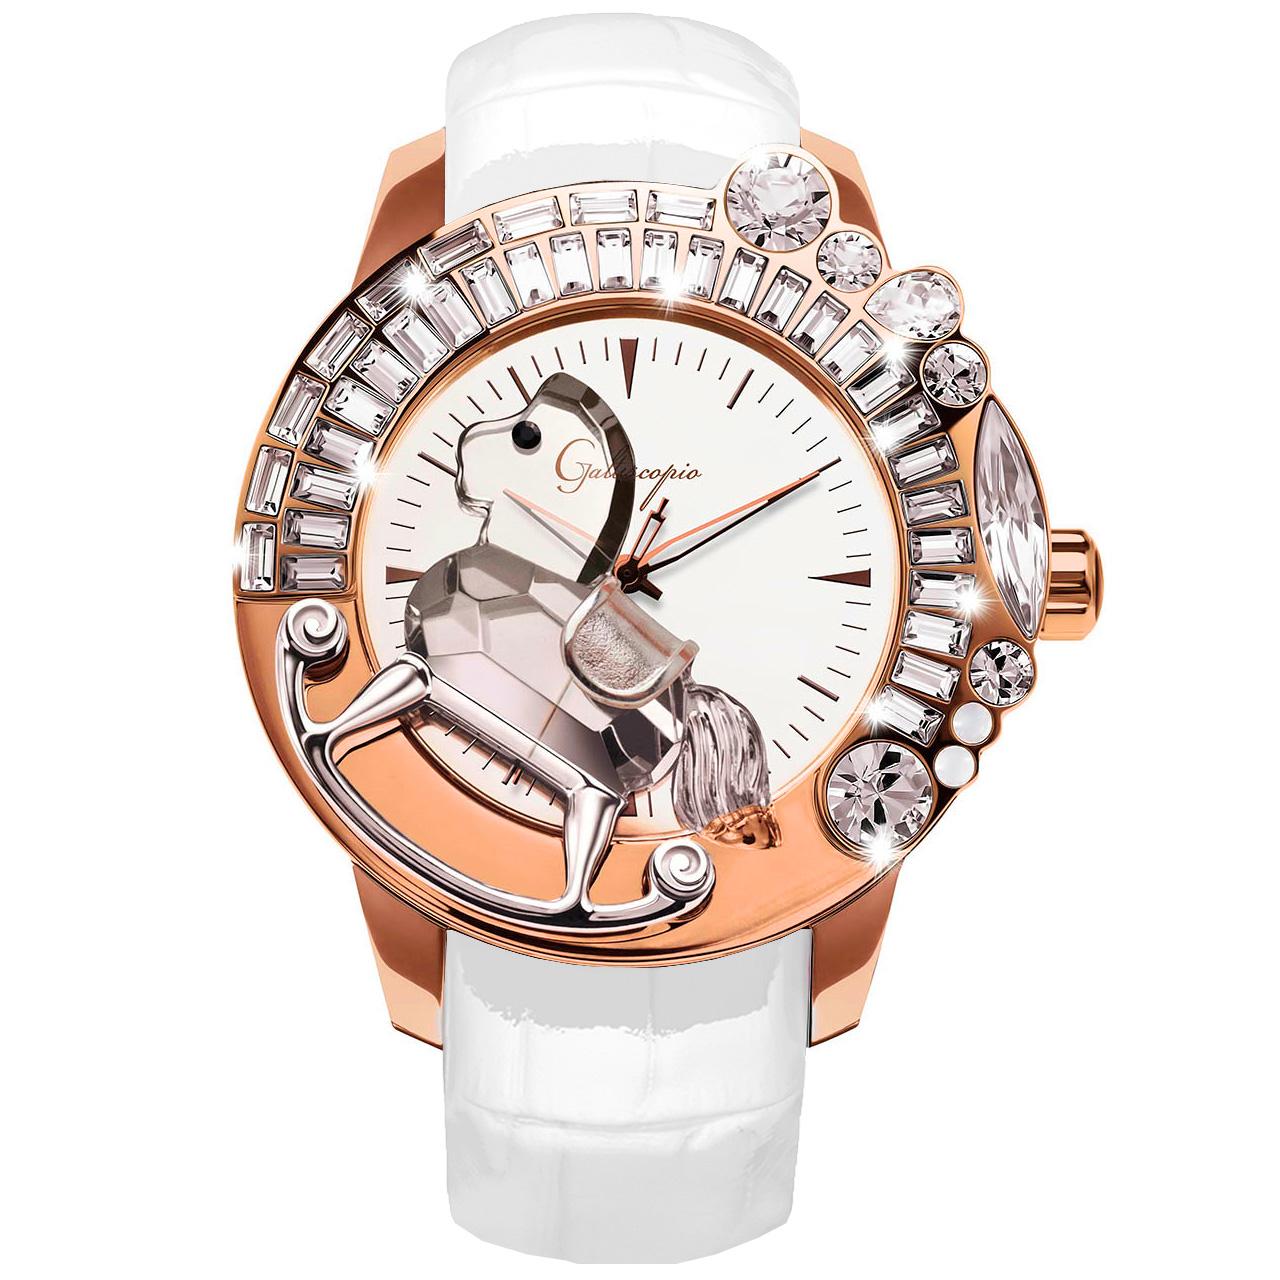 ガルティスコピオはスワロフスキーを使ったキラキラ時計のブランド